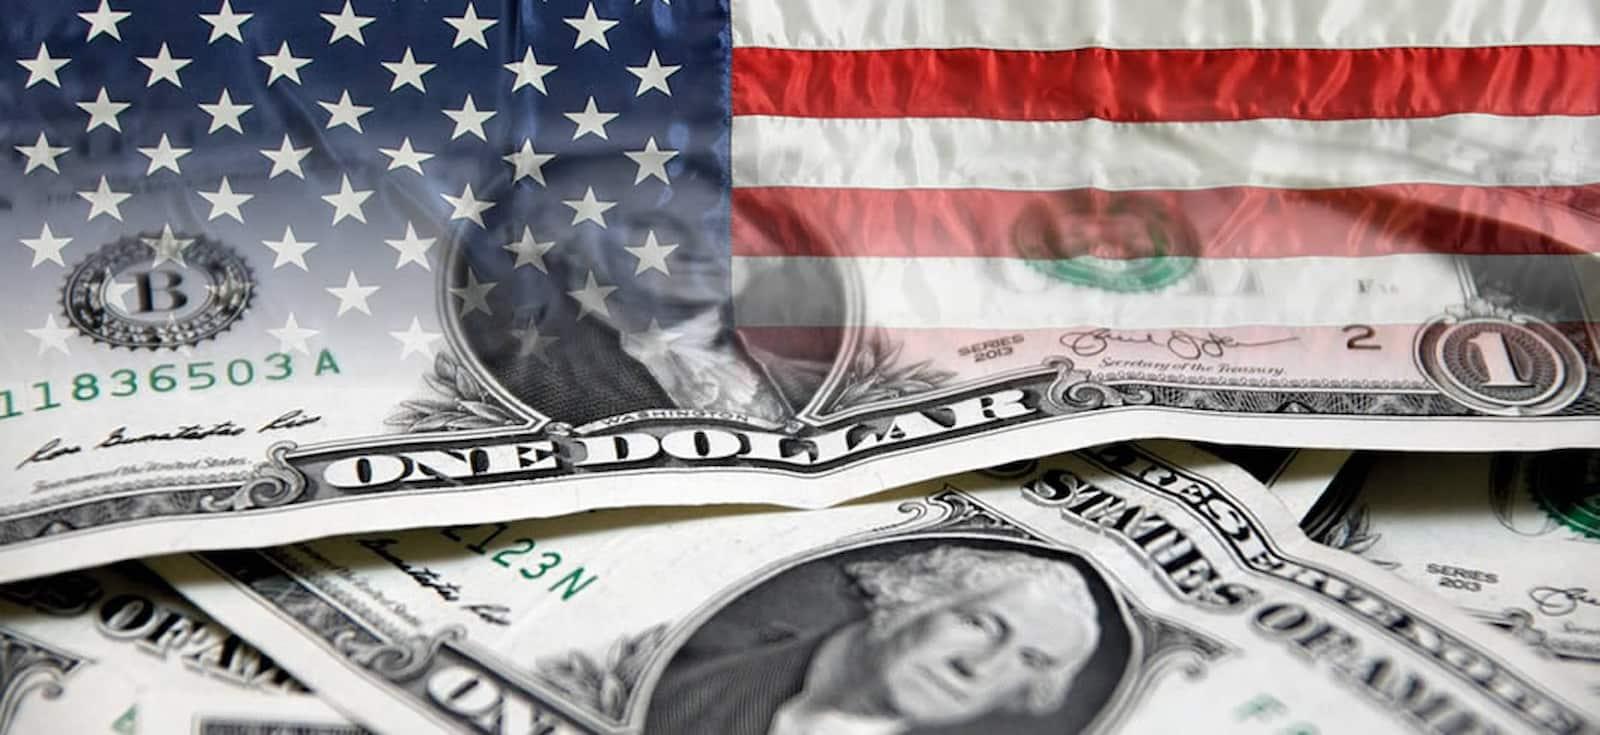 Dólar americano con bandera de EEUU